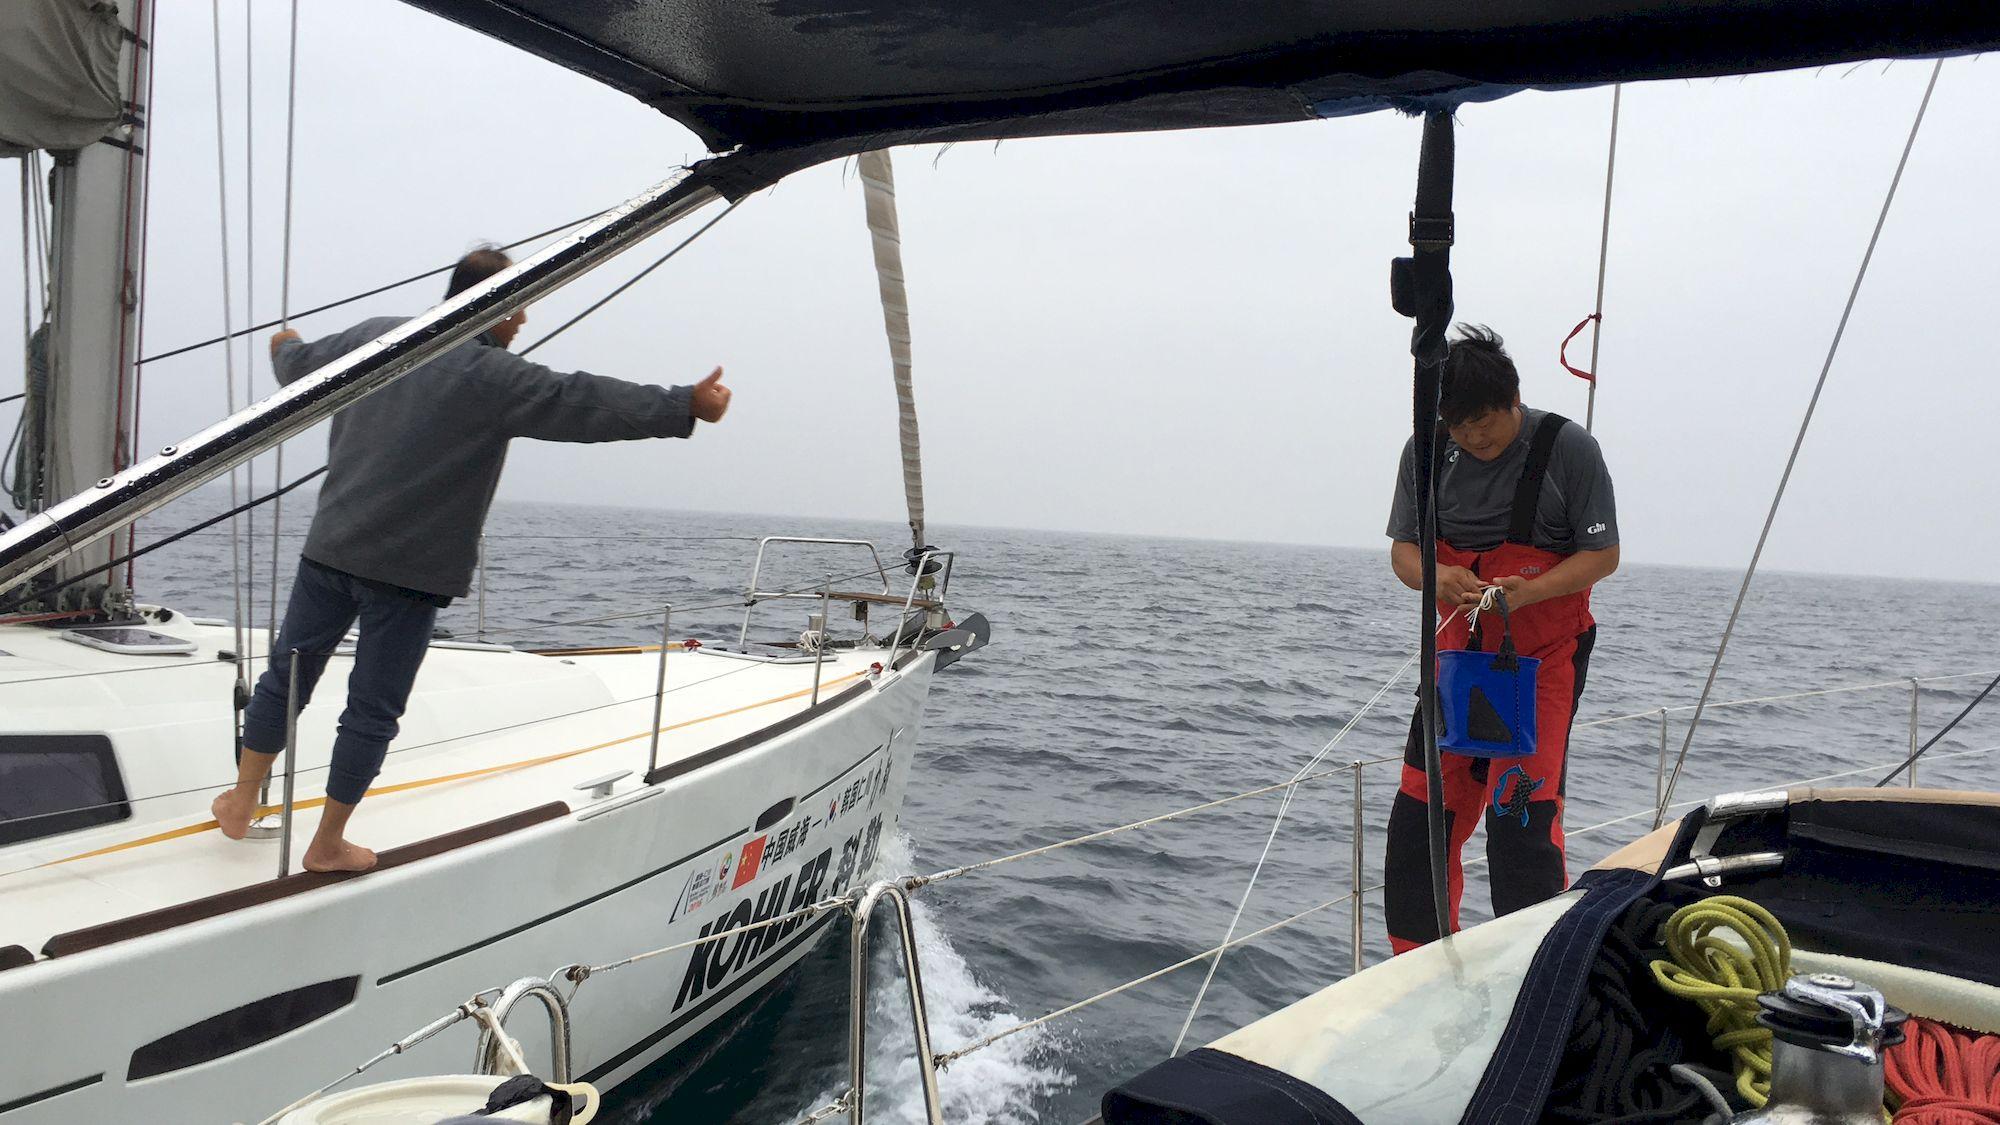 新西兰,跆拳道,俱乐部,拉力赛,青岛 向着太阳升起的地方出发:记第一次跨国远航-千航帆船-51航海网队-2016威海仁川 031-IMG_3405_千帆俱乐部我要航海网帆船队-2016威海-仁川国际帆船赛.JPG